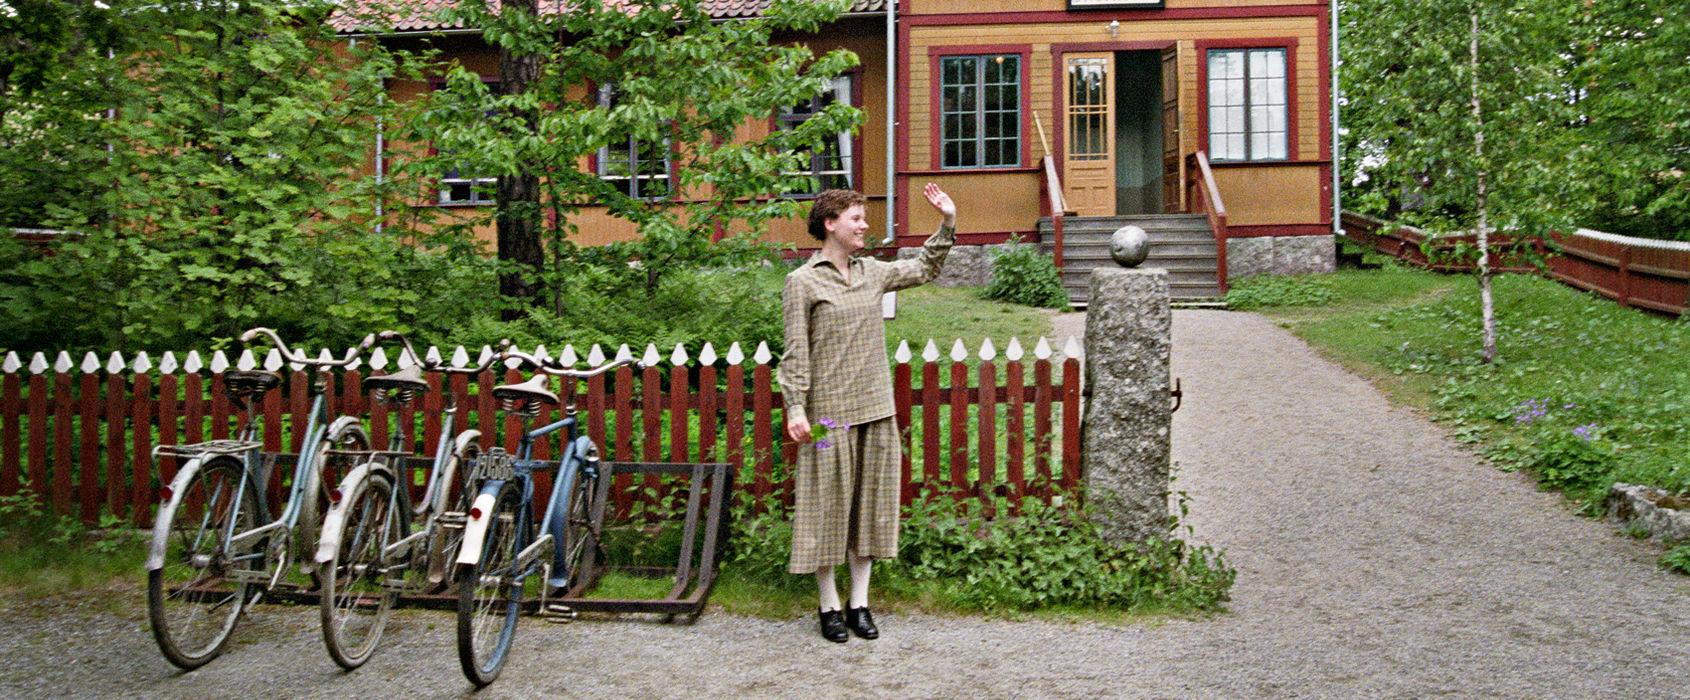 Ordenshuset, Skansen